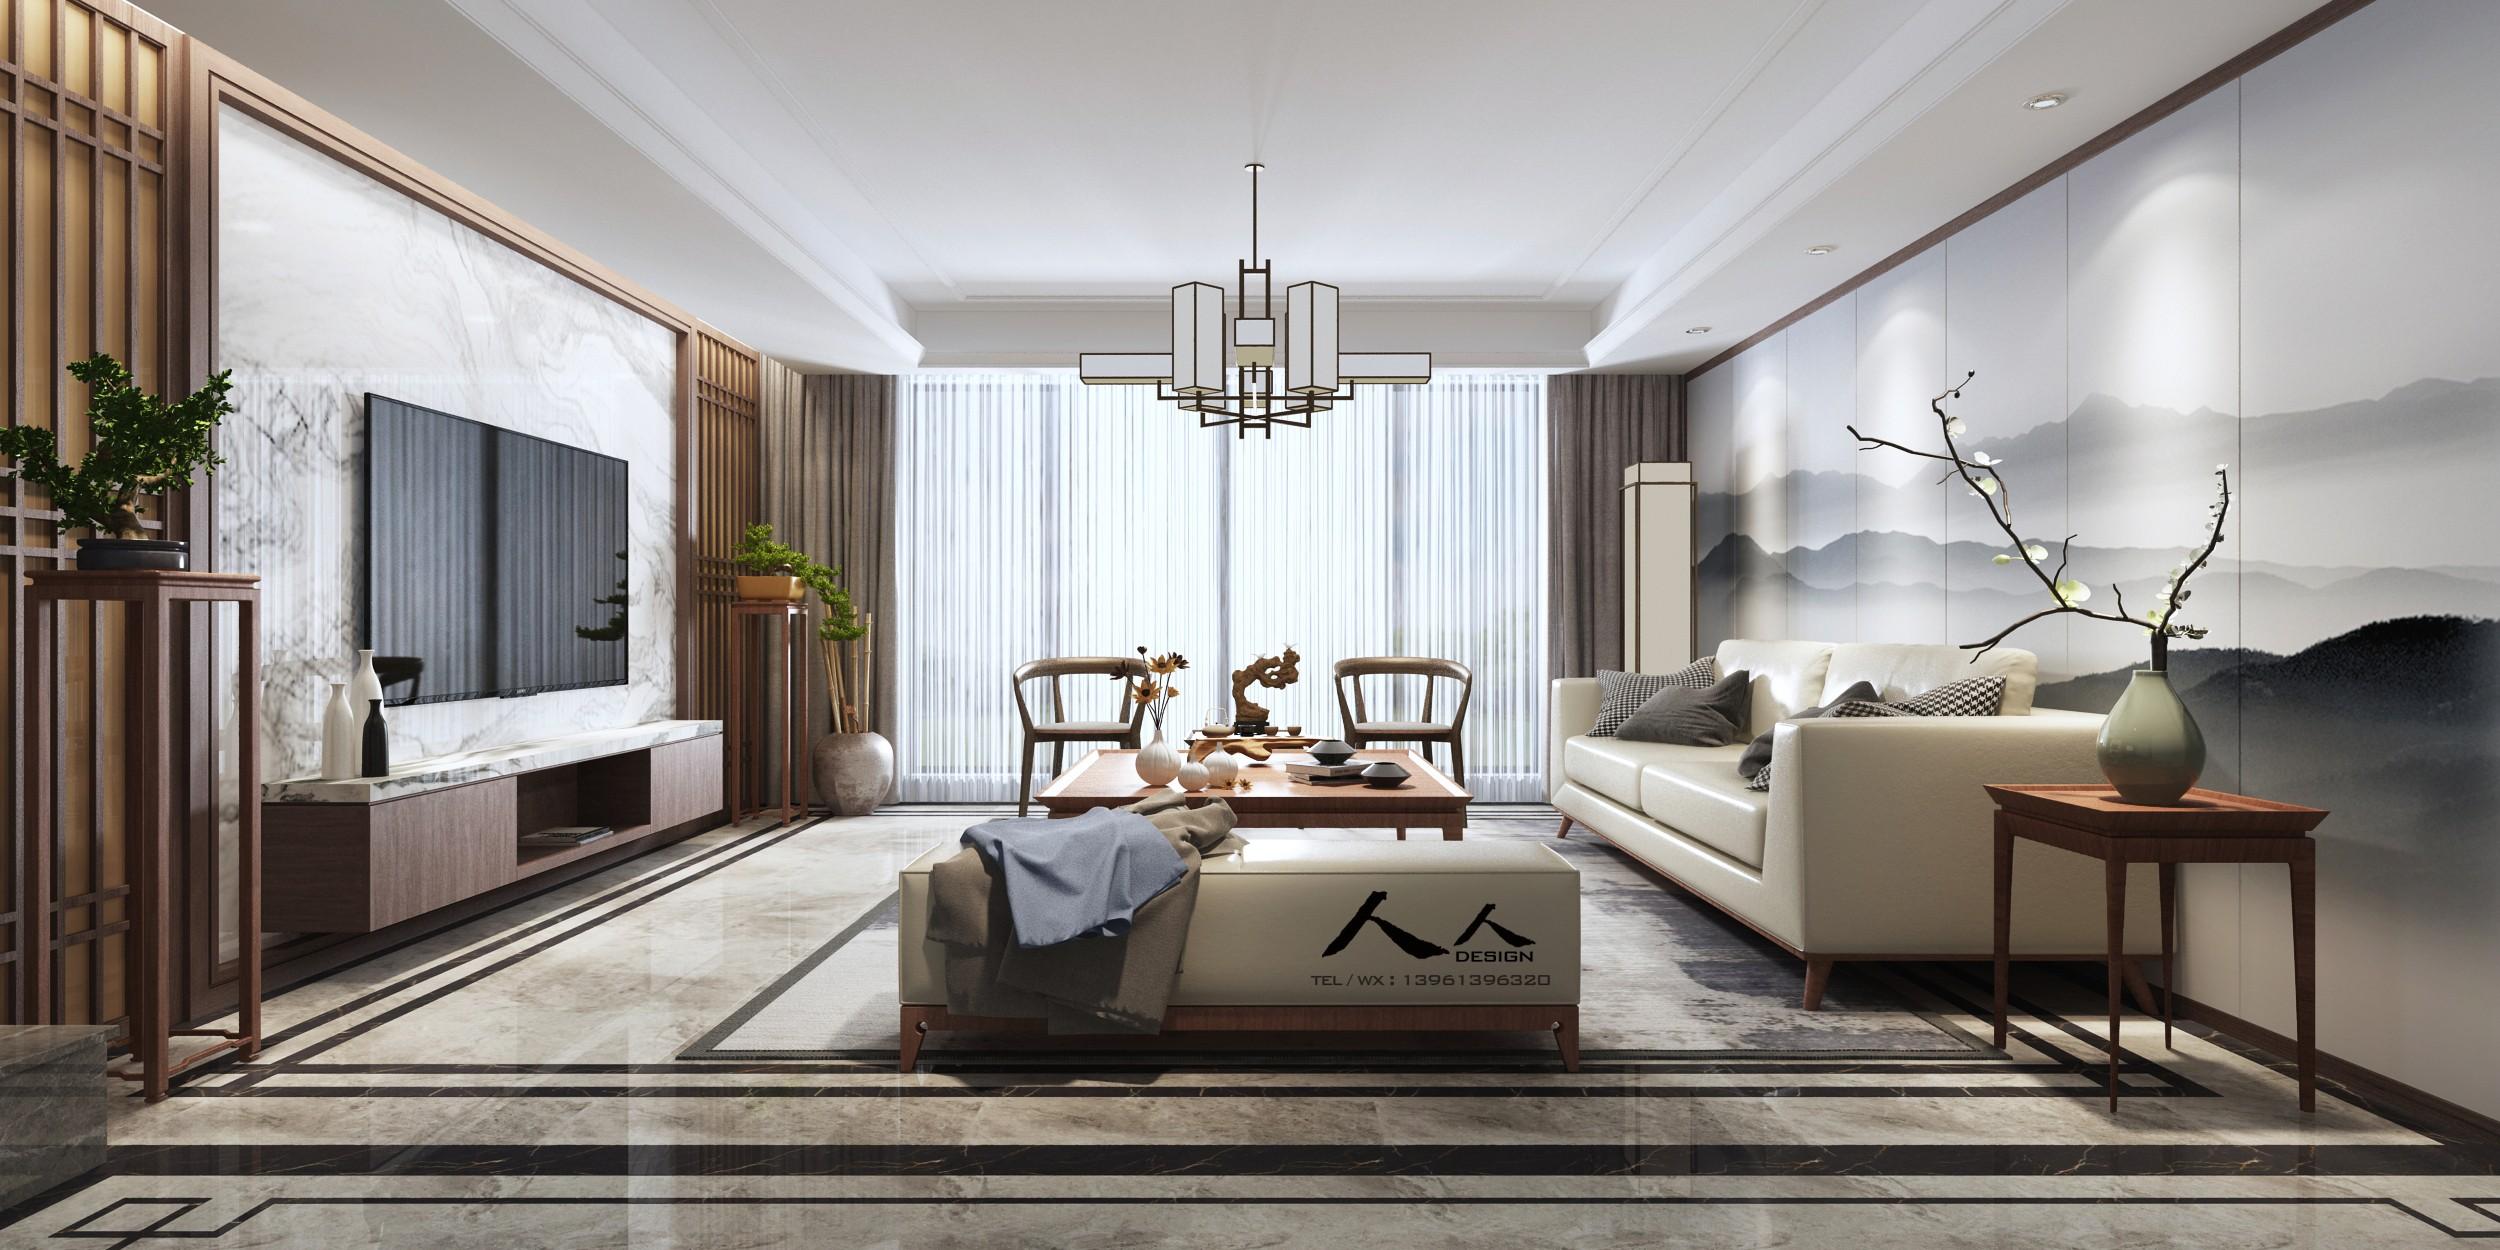 新中式客厅 - 效果图作品交流区 - 建e分享交流平台